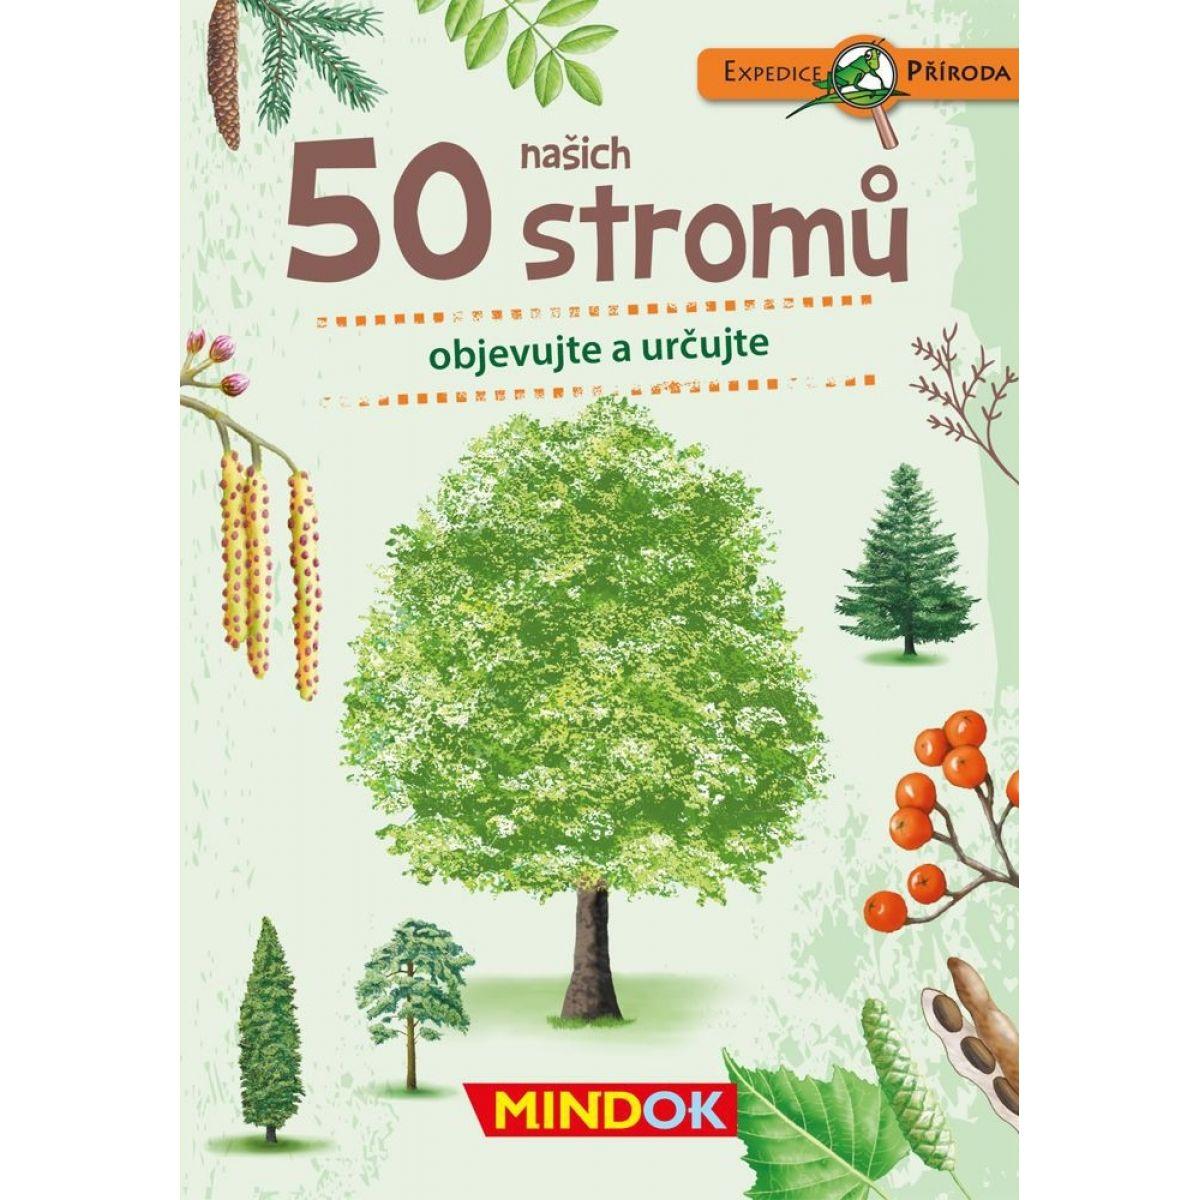 Mindok Expedice příroda: 50 našich stromů